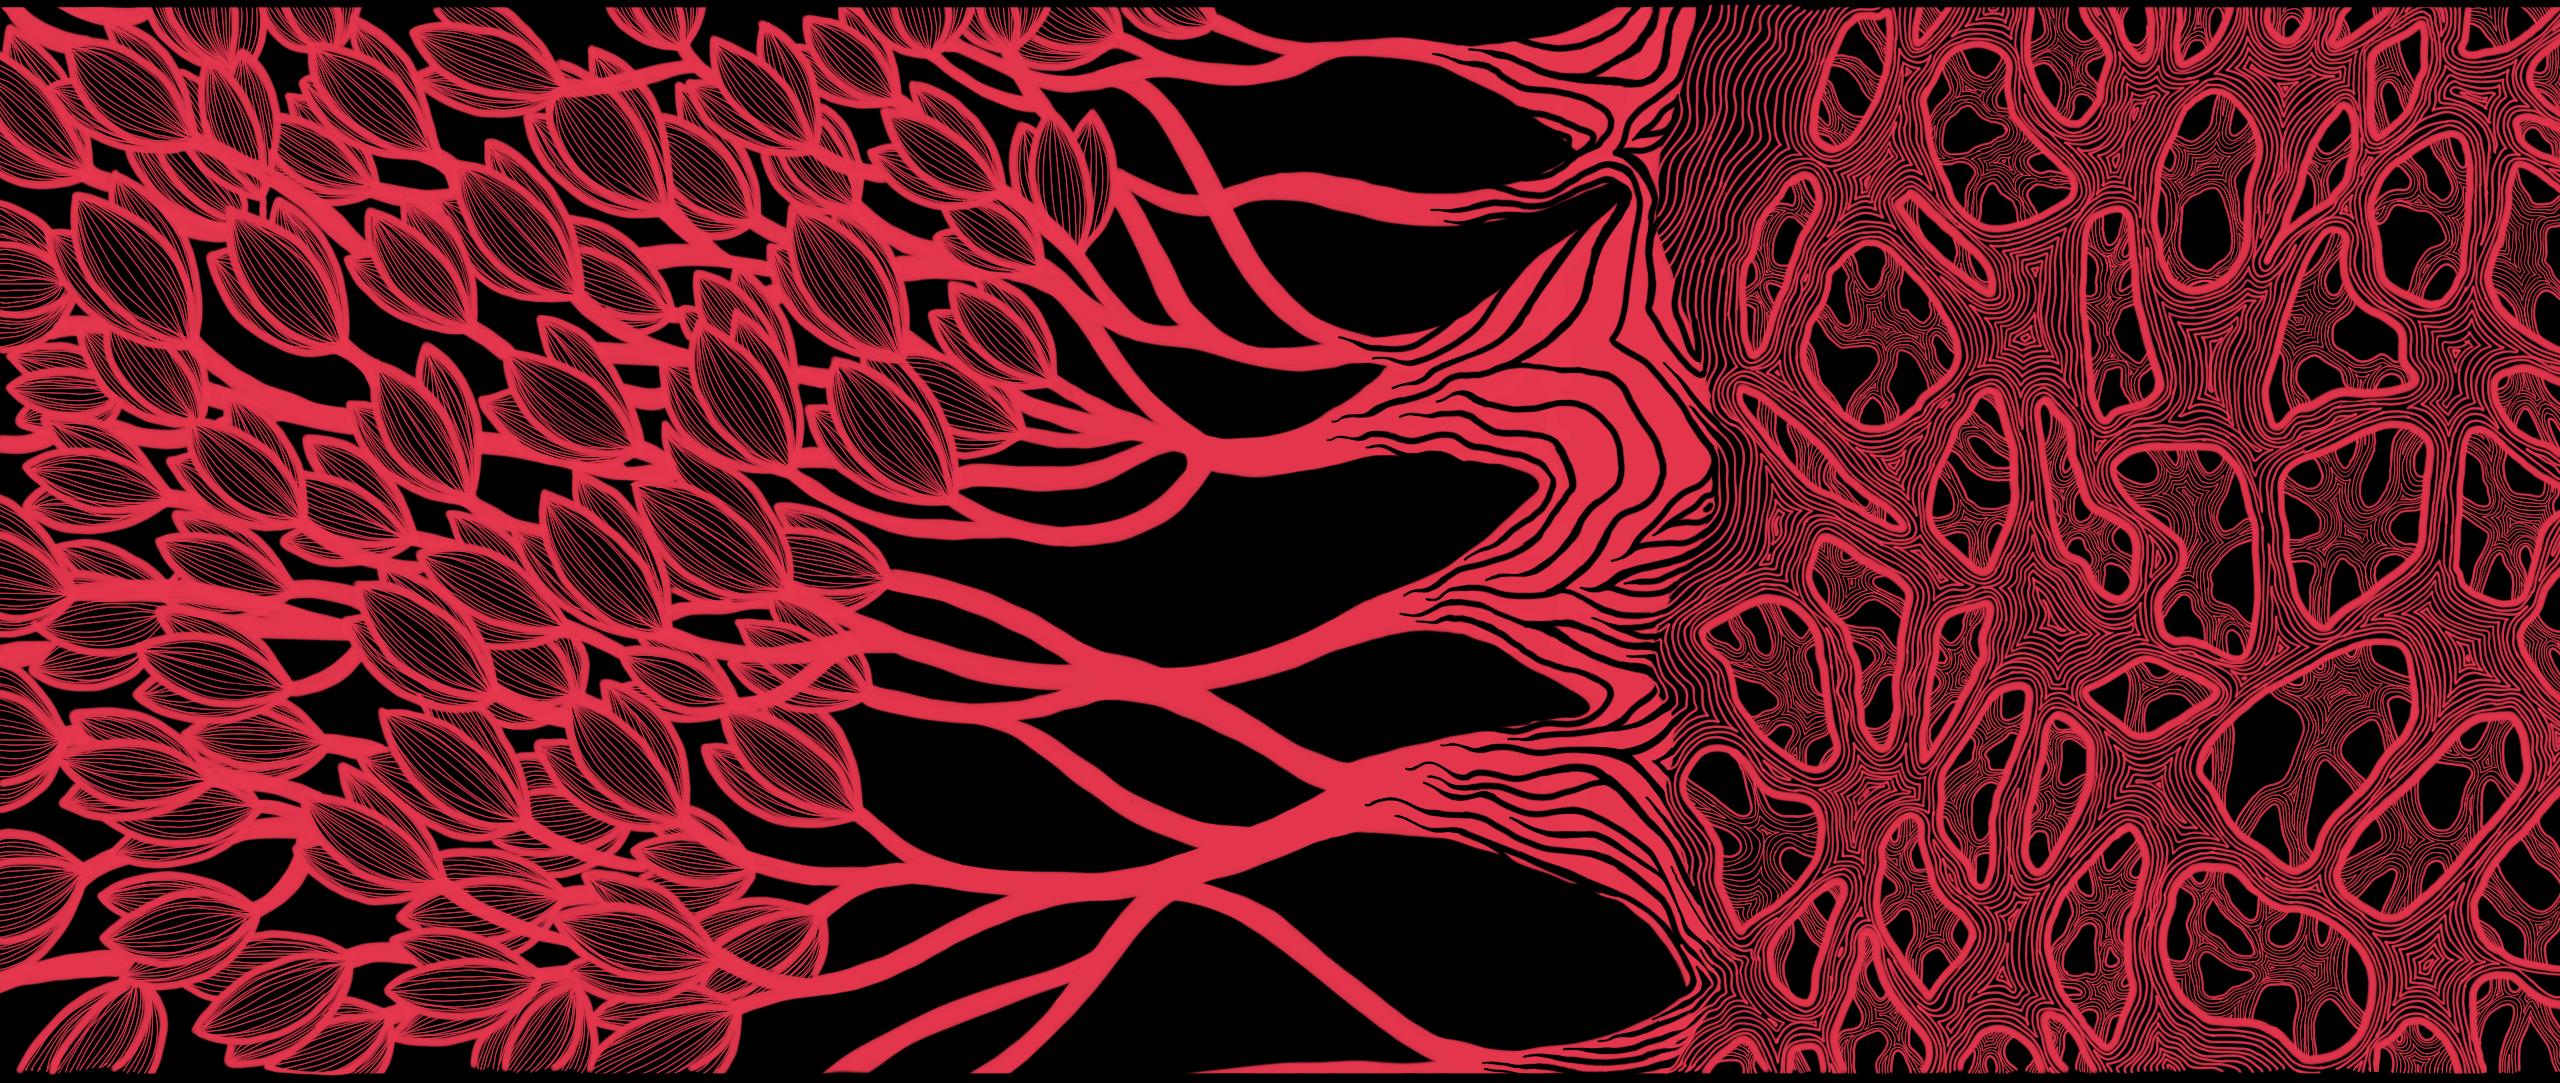 tulip_neuron_transparent